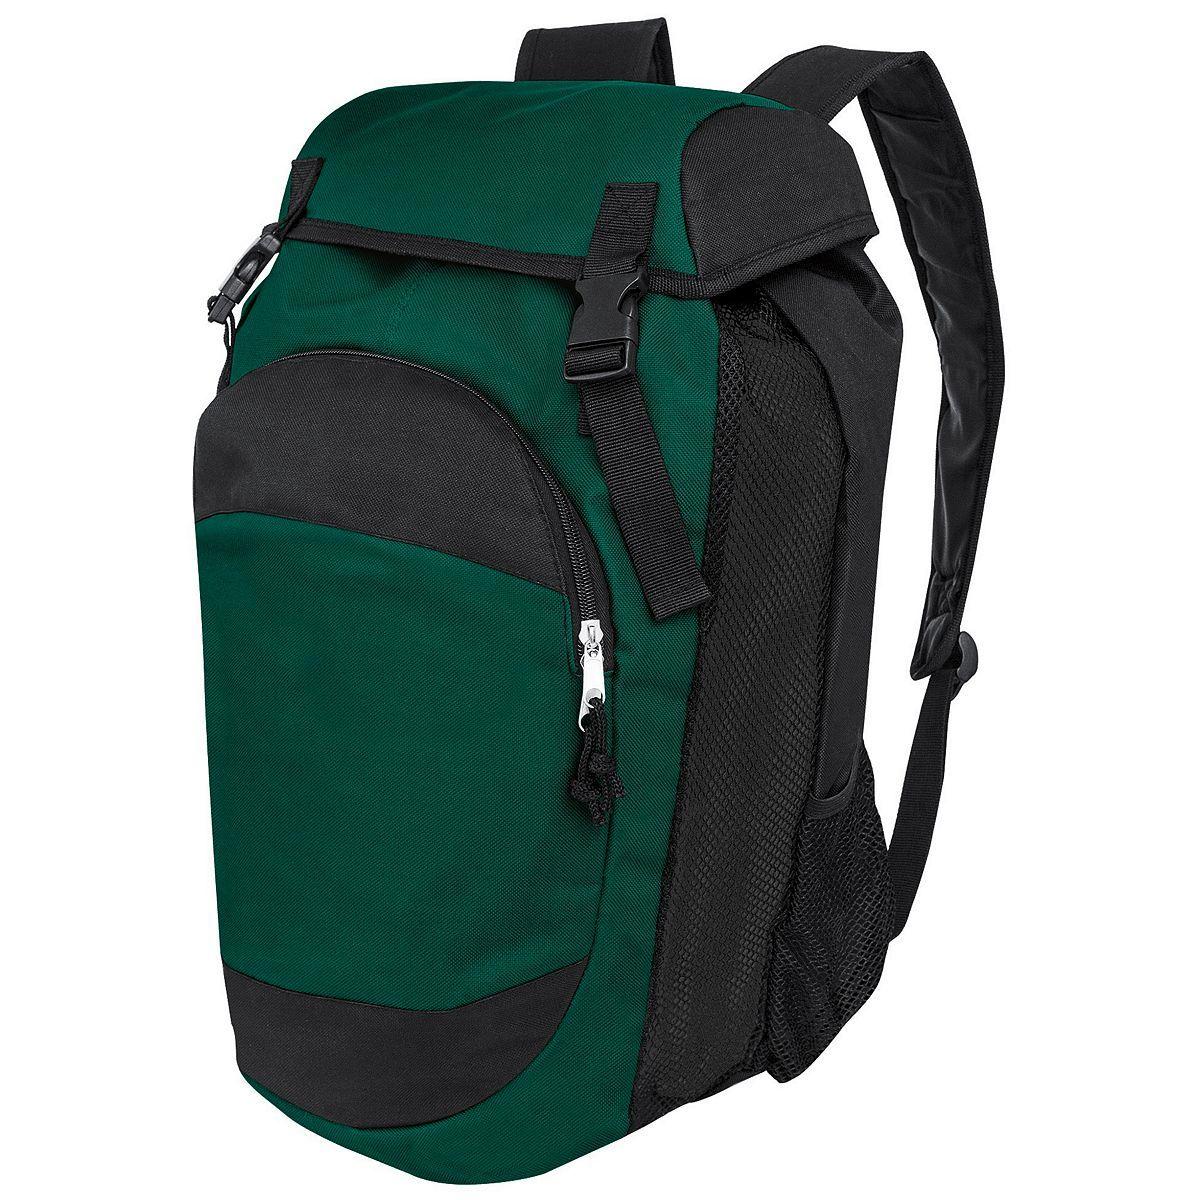 Gear Bag - FOREST/BLACK